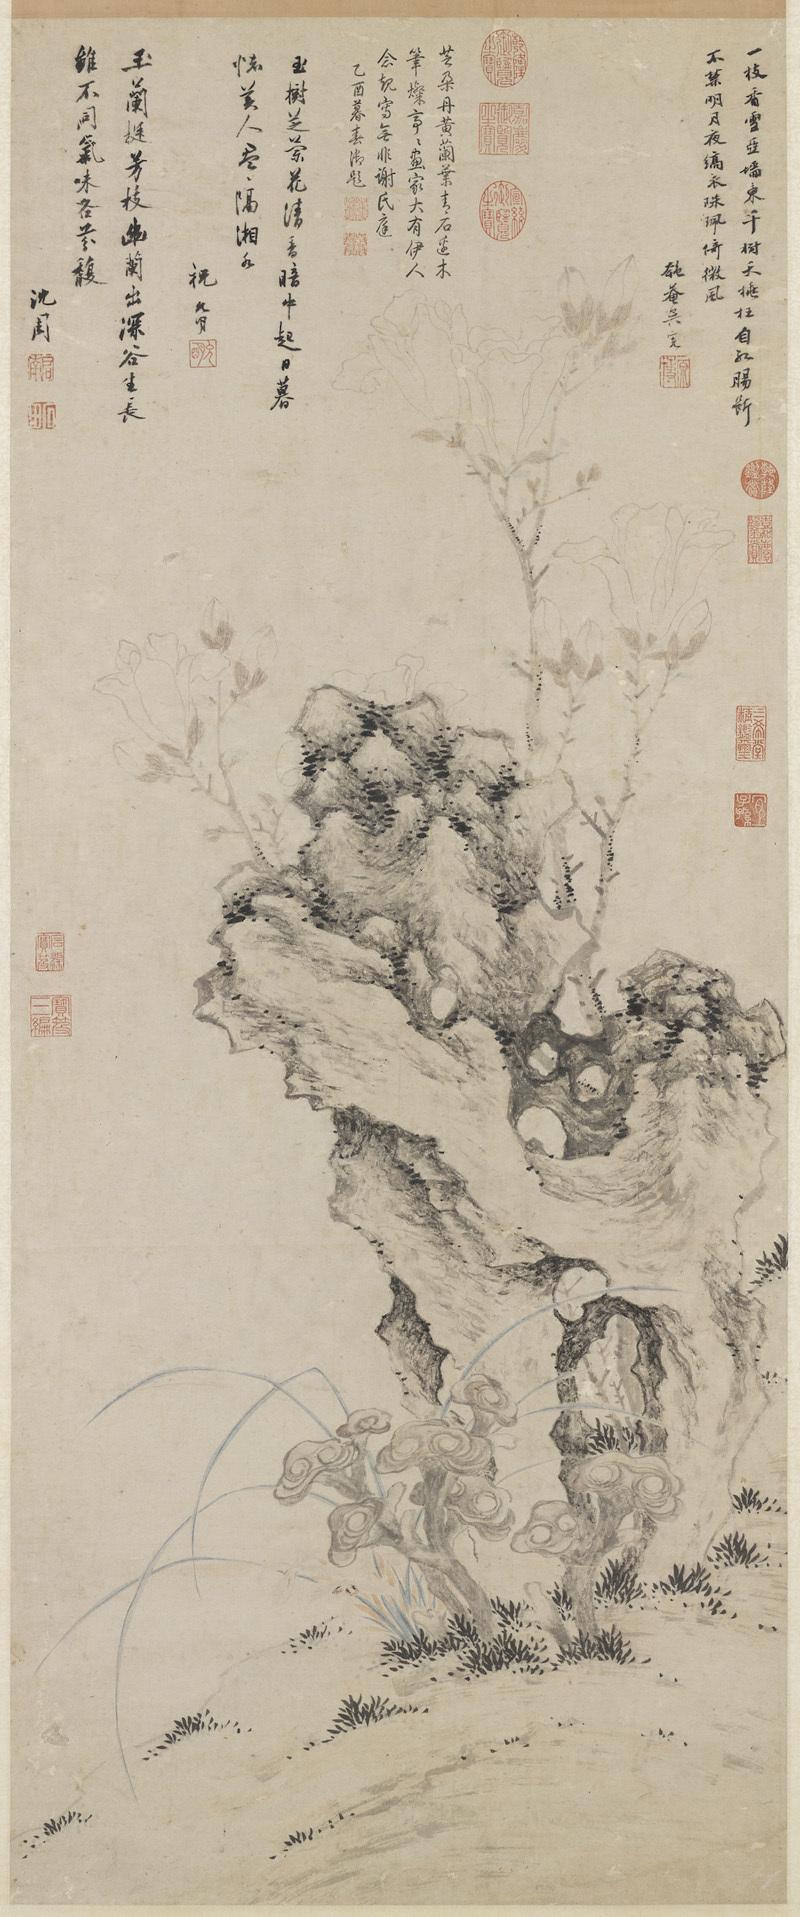 shen-zhou_lingzhi-orchid-magnolia-rock